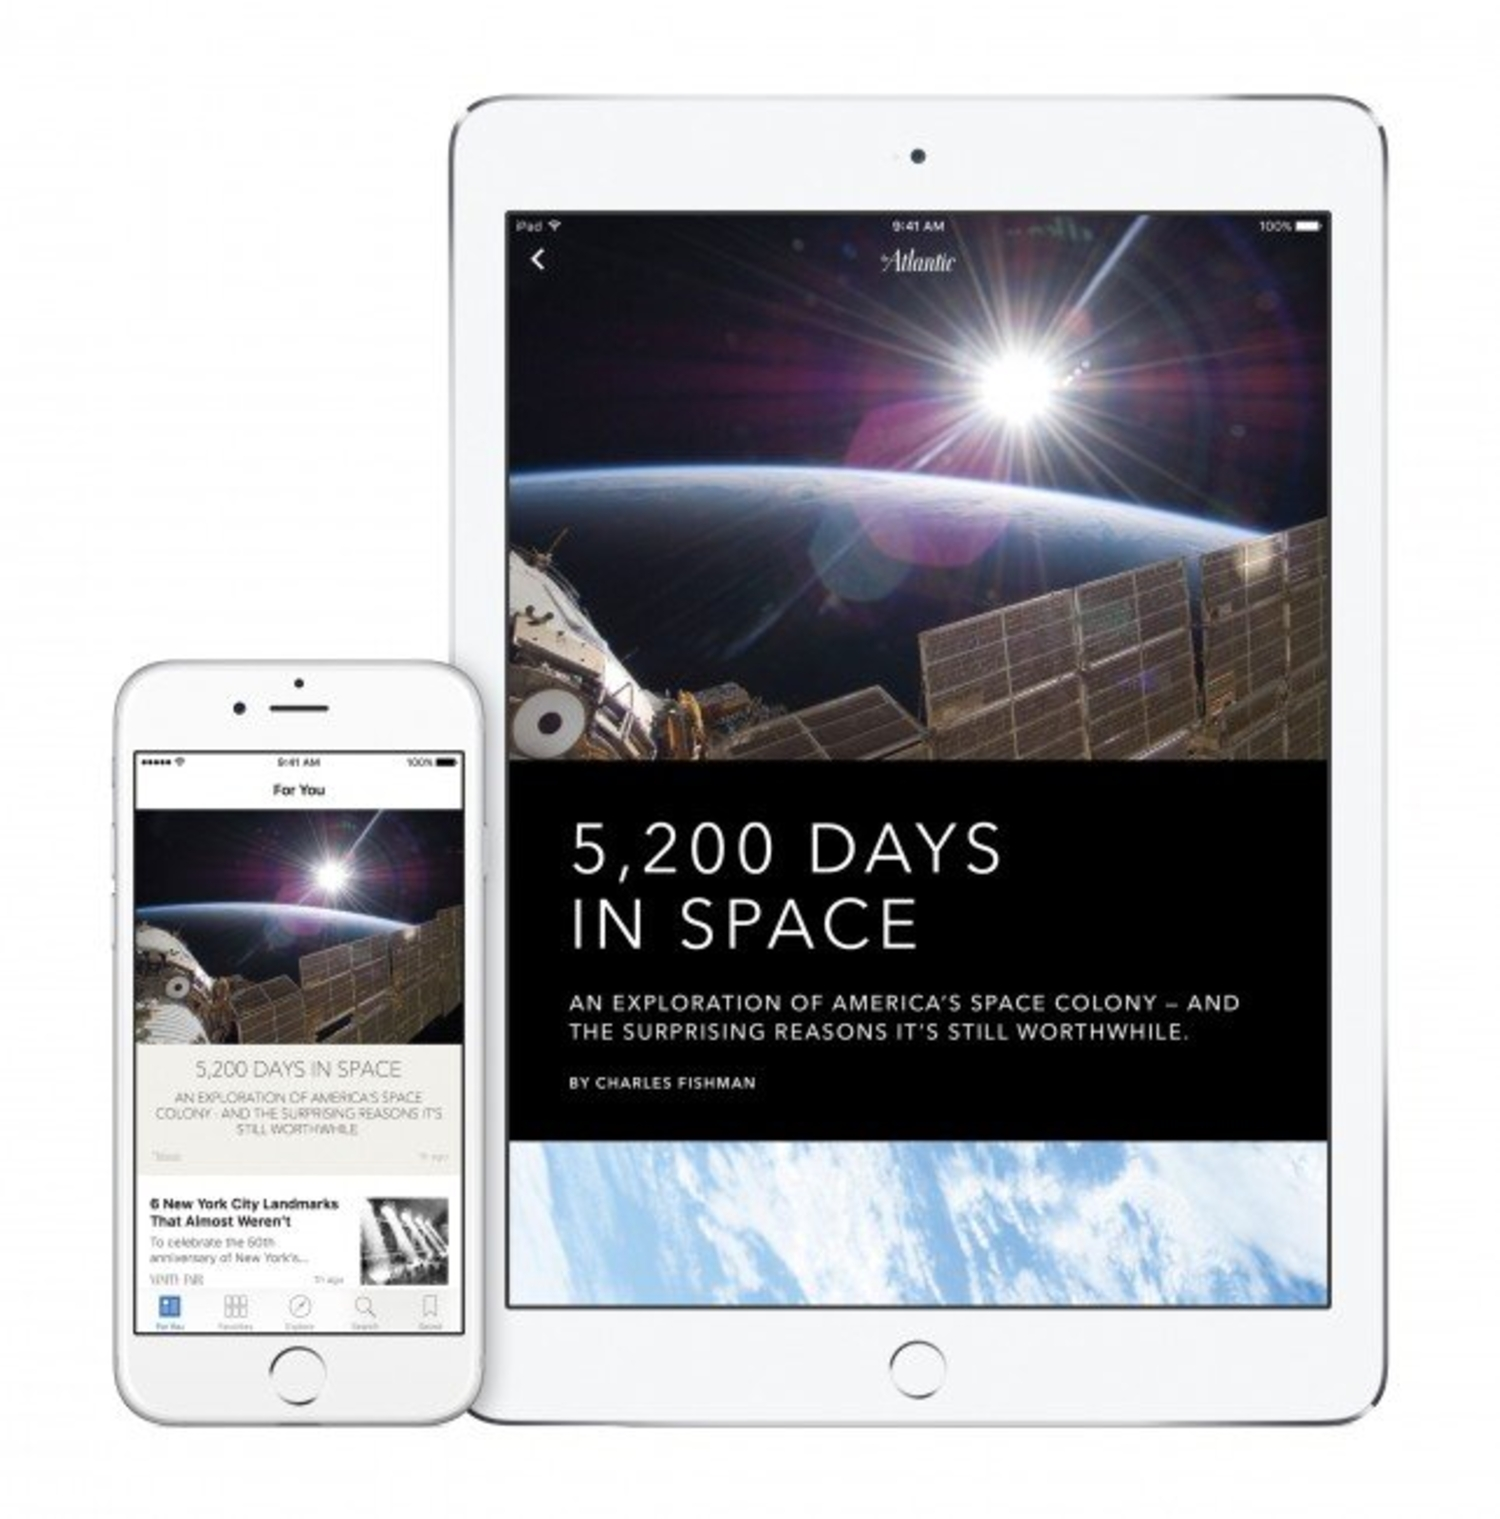 ios9_news_app.jpg